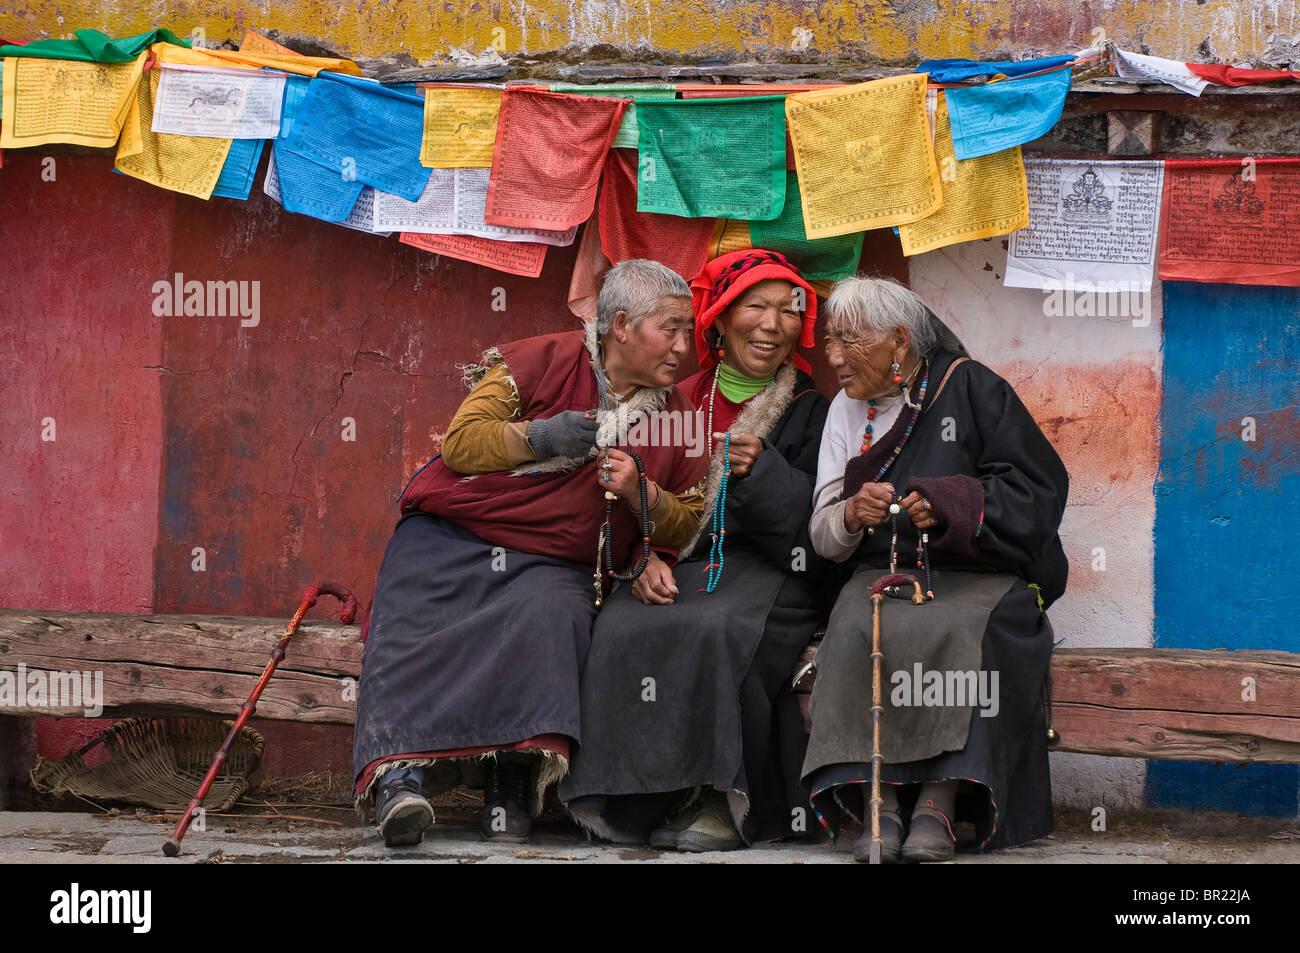 Anziani Buddista Tibetana pellegrini chattare mentre visitano Tagong Monastero, nella provincia di Sichuan, in Cina Immagini Stock